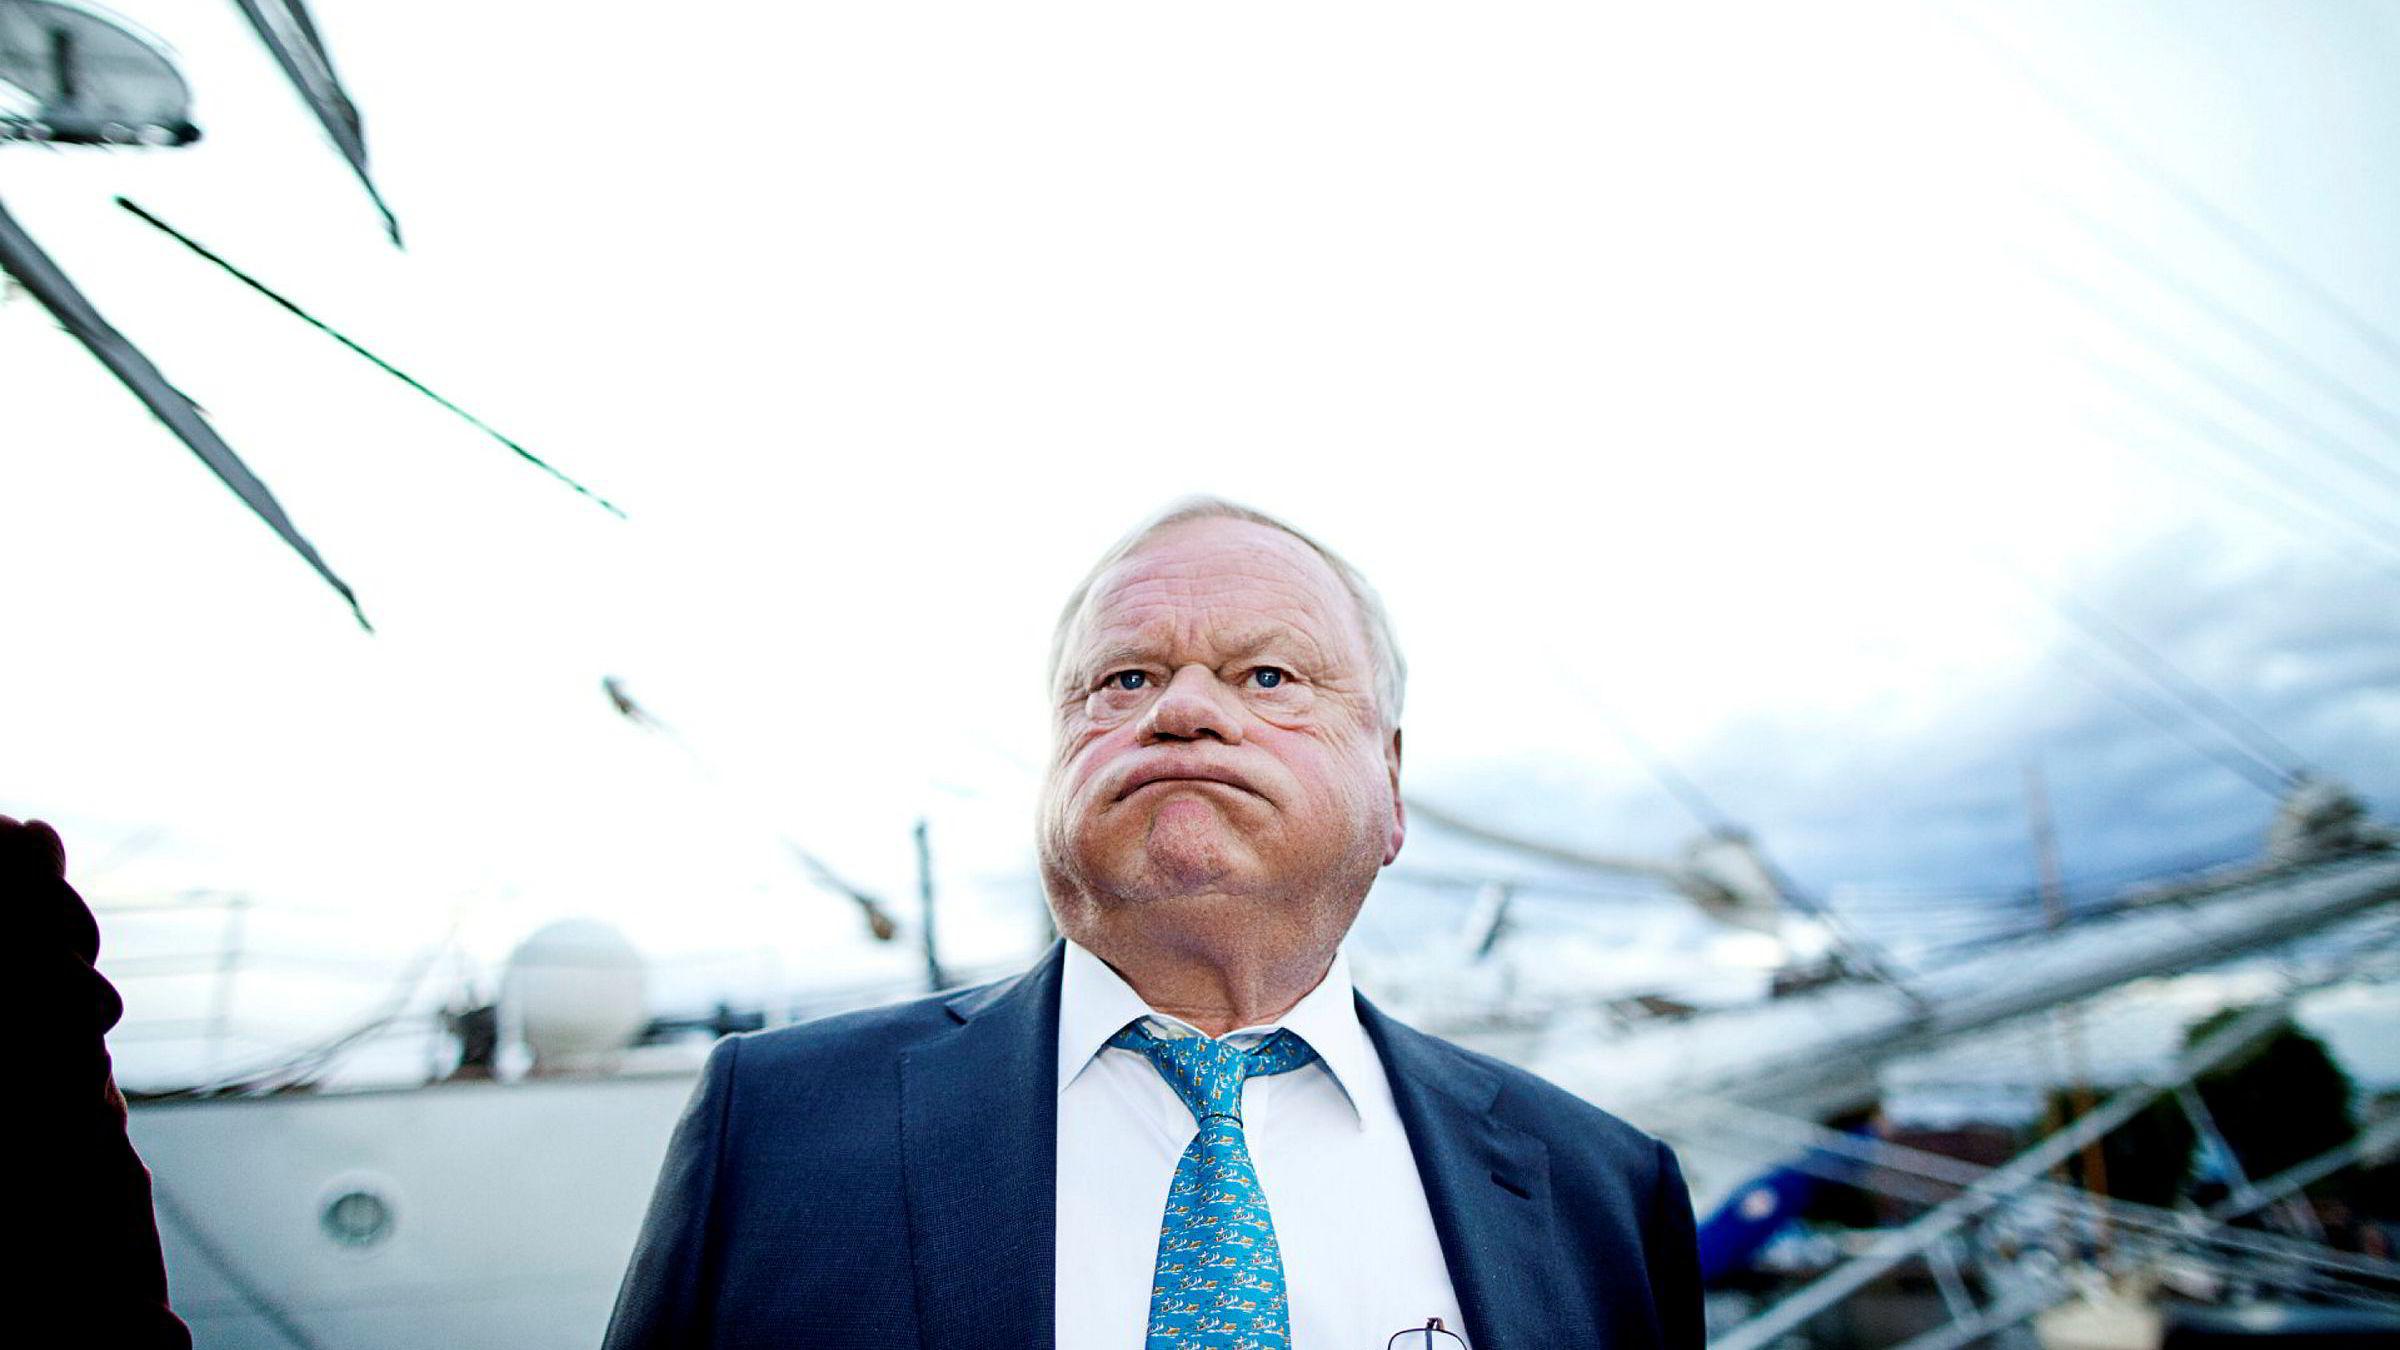 – Dette har vært slitsomt for oss. Det er mye å rydde opp i etter den gjengen, sier John Fredriksens om blant andre sin tidligere forretningspartner Tor Olav Trøim.